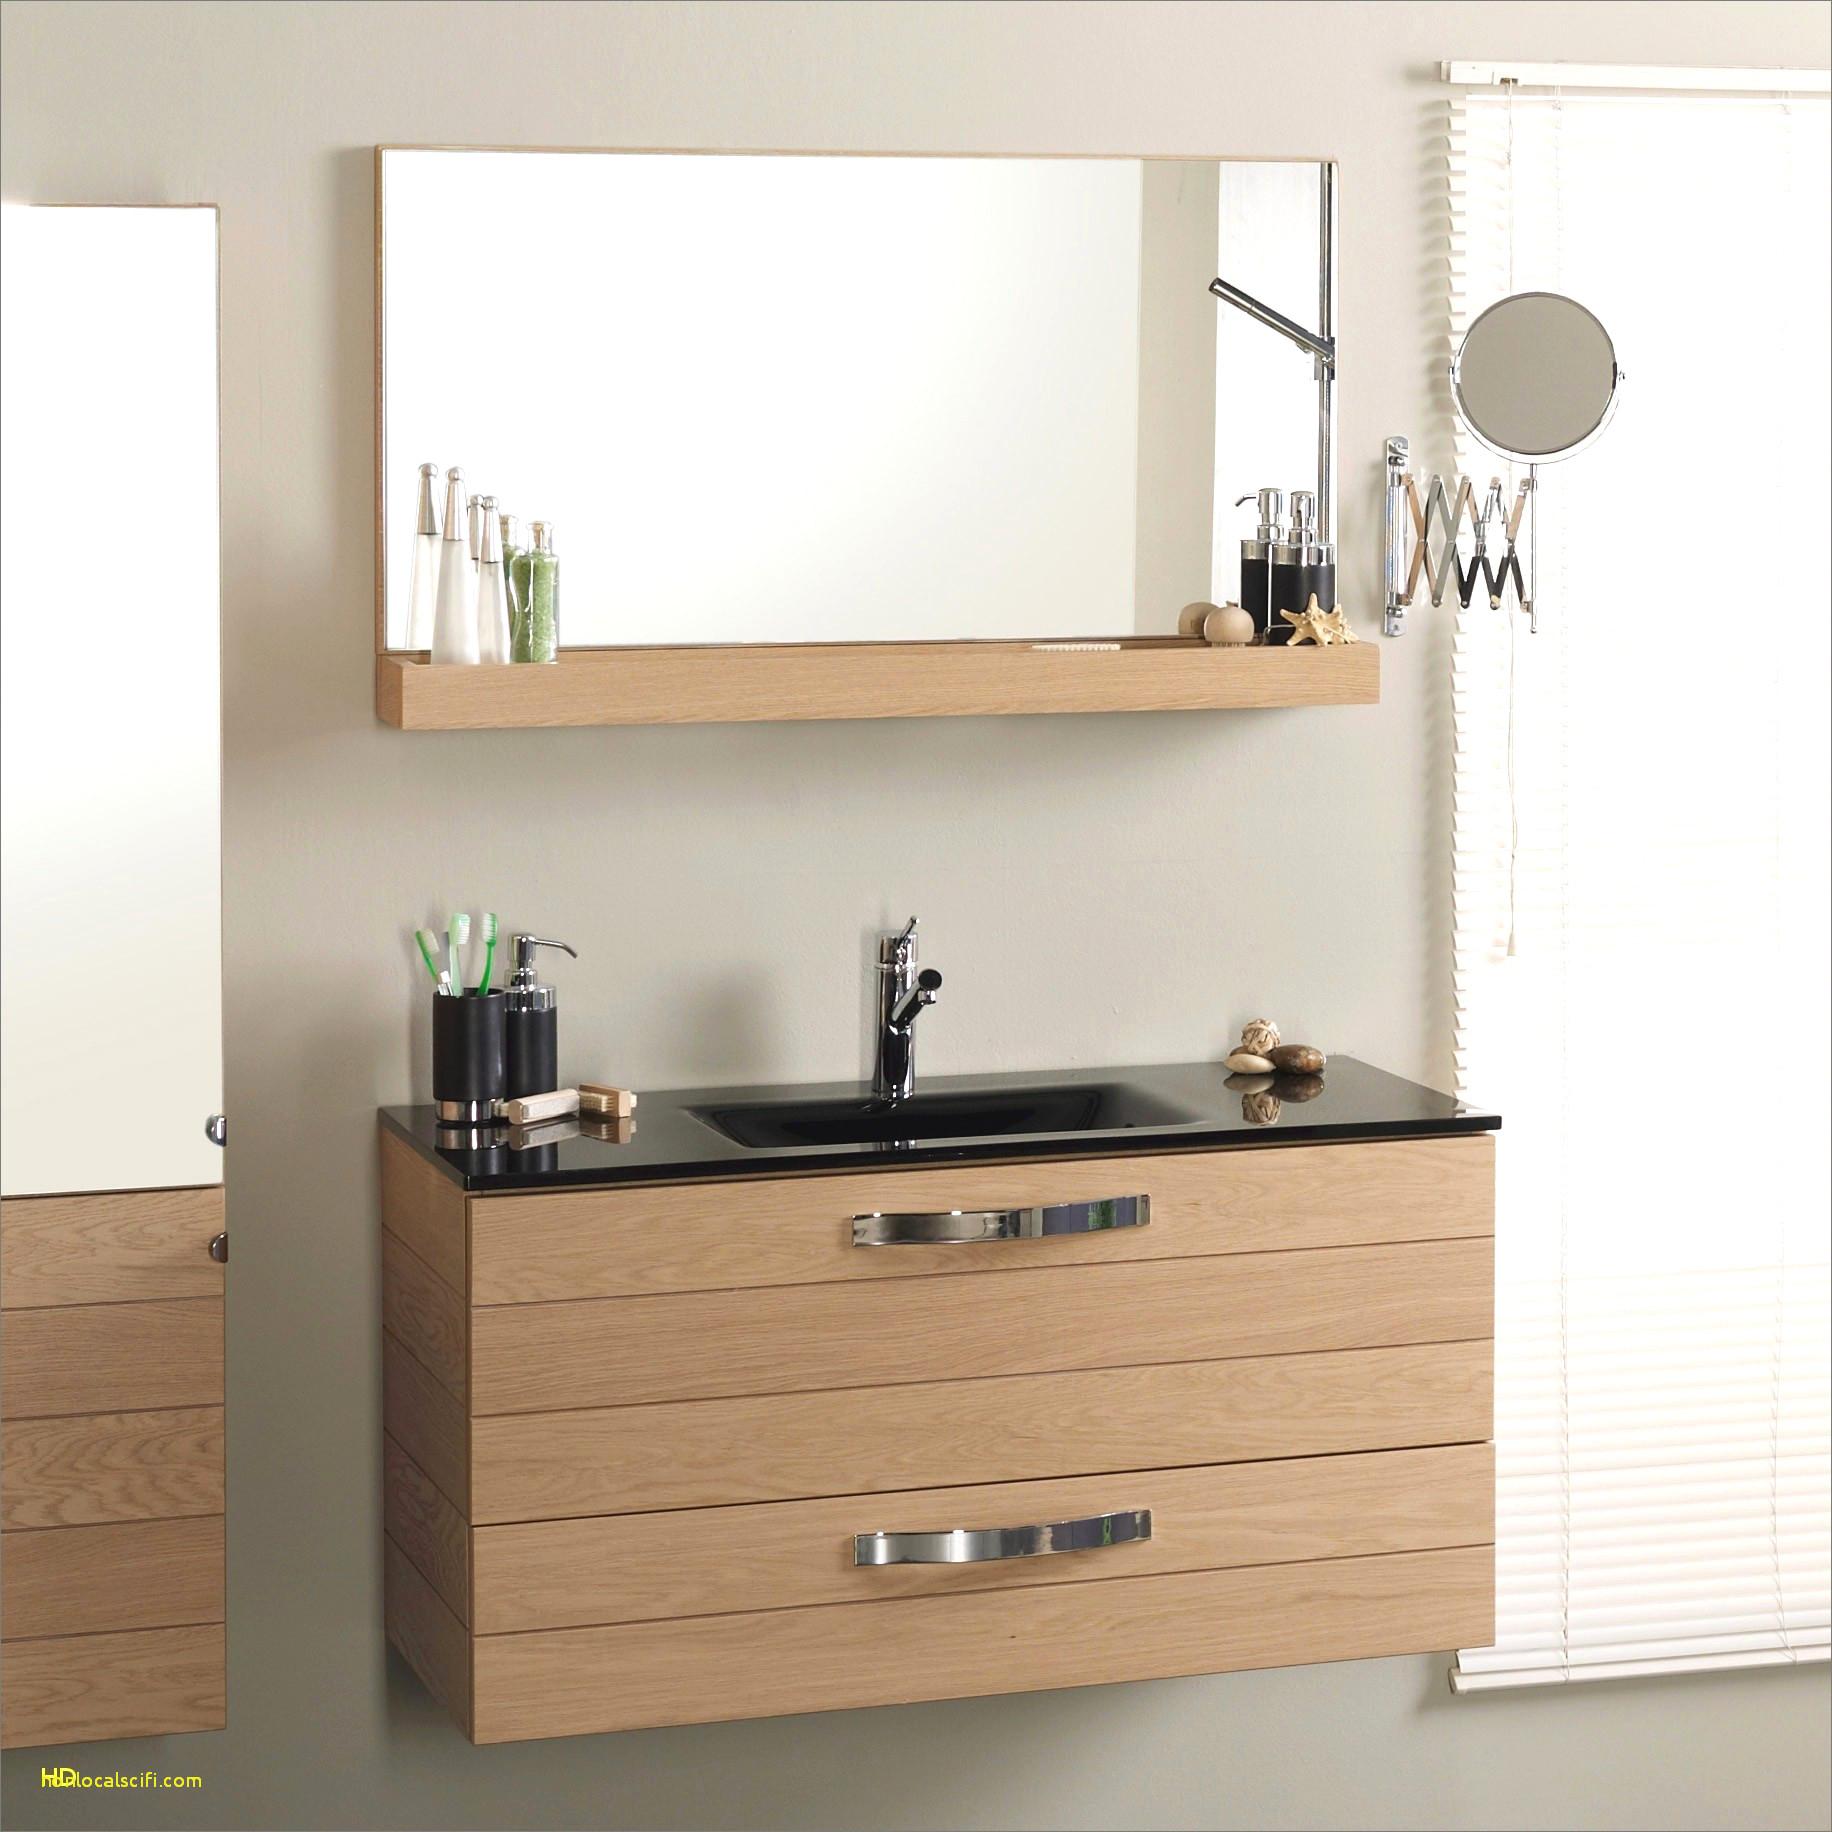 ikea miroir salle de bains frais galerie porte coulissante. Black Bedroom Furniture Sets. Home Design Ideas